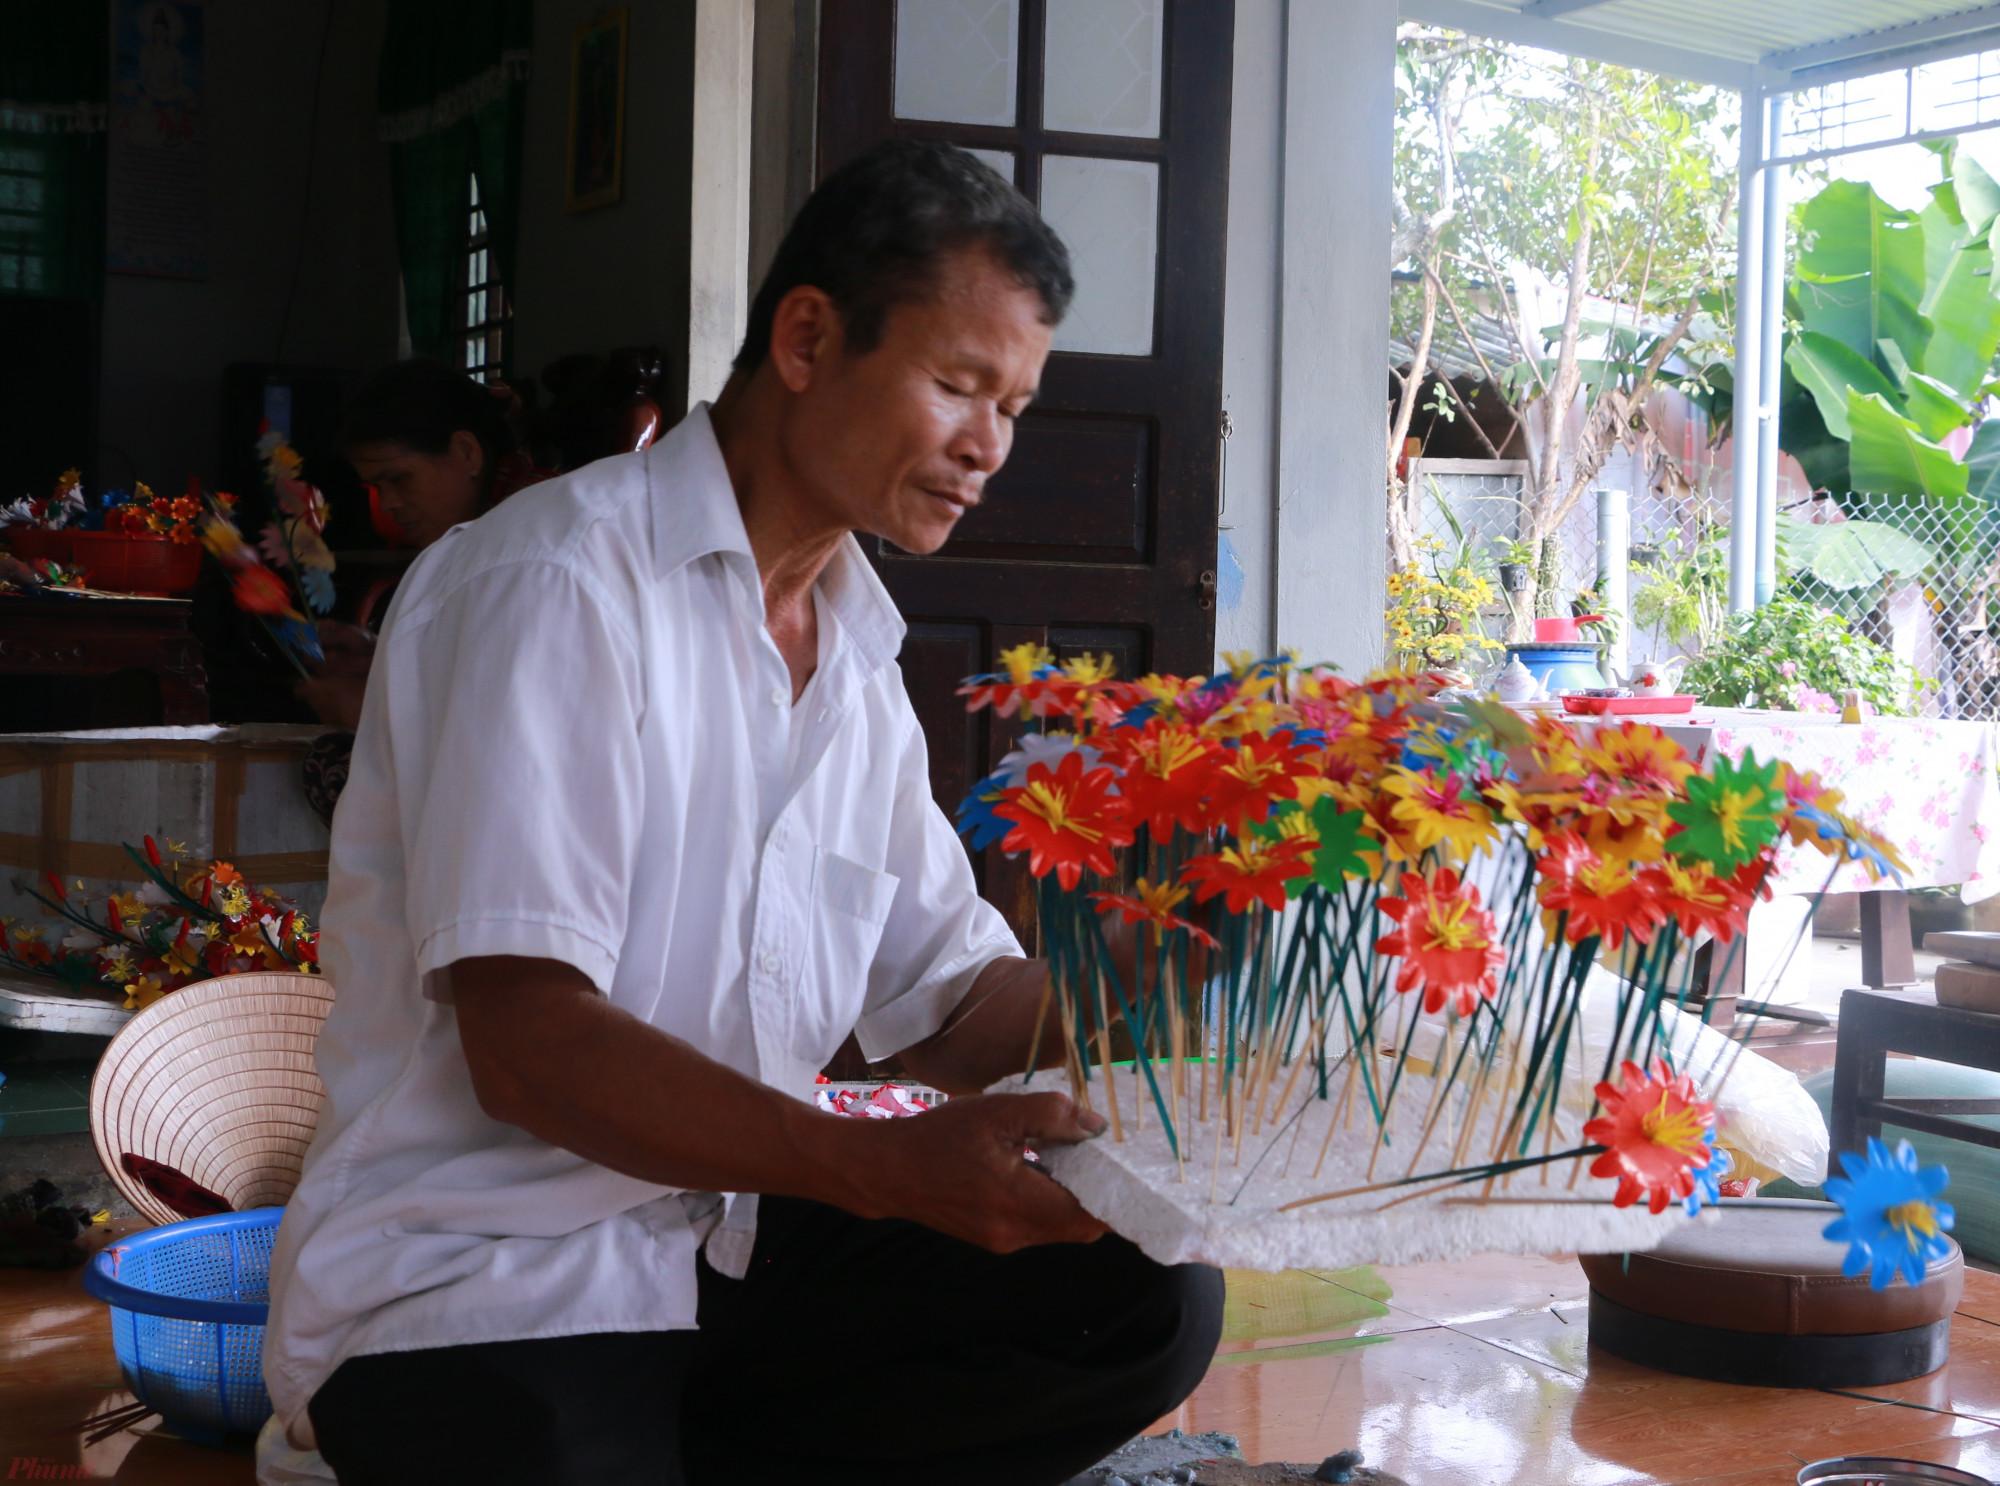 Cứ như thế, hoa giấy Thanh Tiên từ bao đời nay đã trở thành một nét văn hóa trong tín ngưỡng dân gian của người dân xứ Huế và đã lan tỏa ra các Tỉnh lân cận như Quảng Trị, Đà Nẵng cũng như những nơi có người Huế cư ngụ mỗi khi Tết đến, xuân về